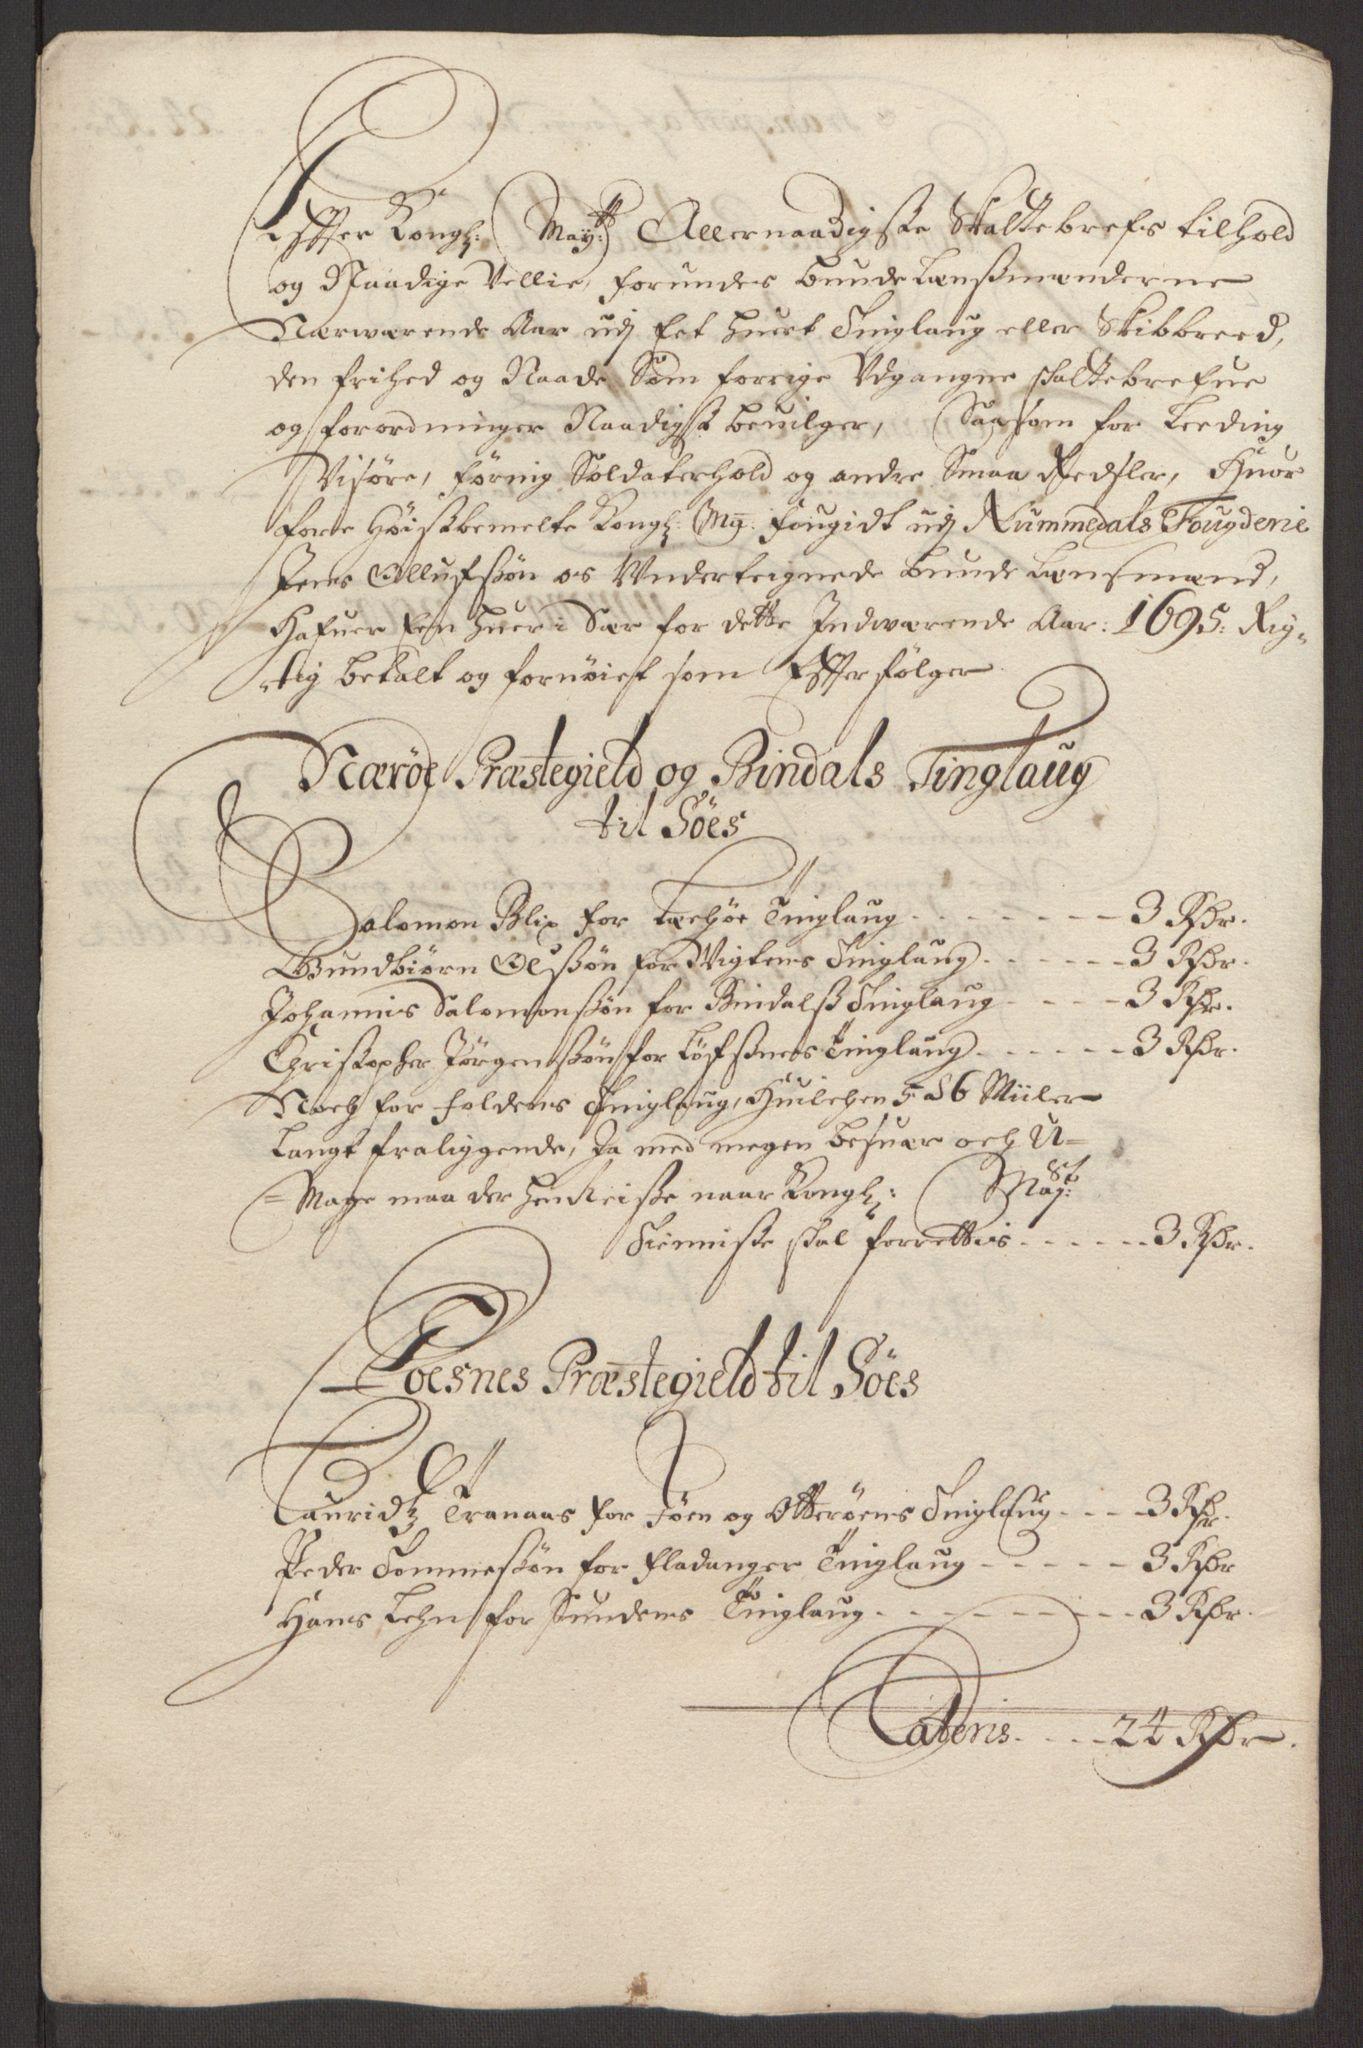 RA, Rentekammeret inntil 1814, Reviderte regnskaper, Fogderegnskap, R64/L4424: Fogderegnskap Namdal, 1692-1695, s. 512